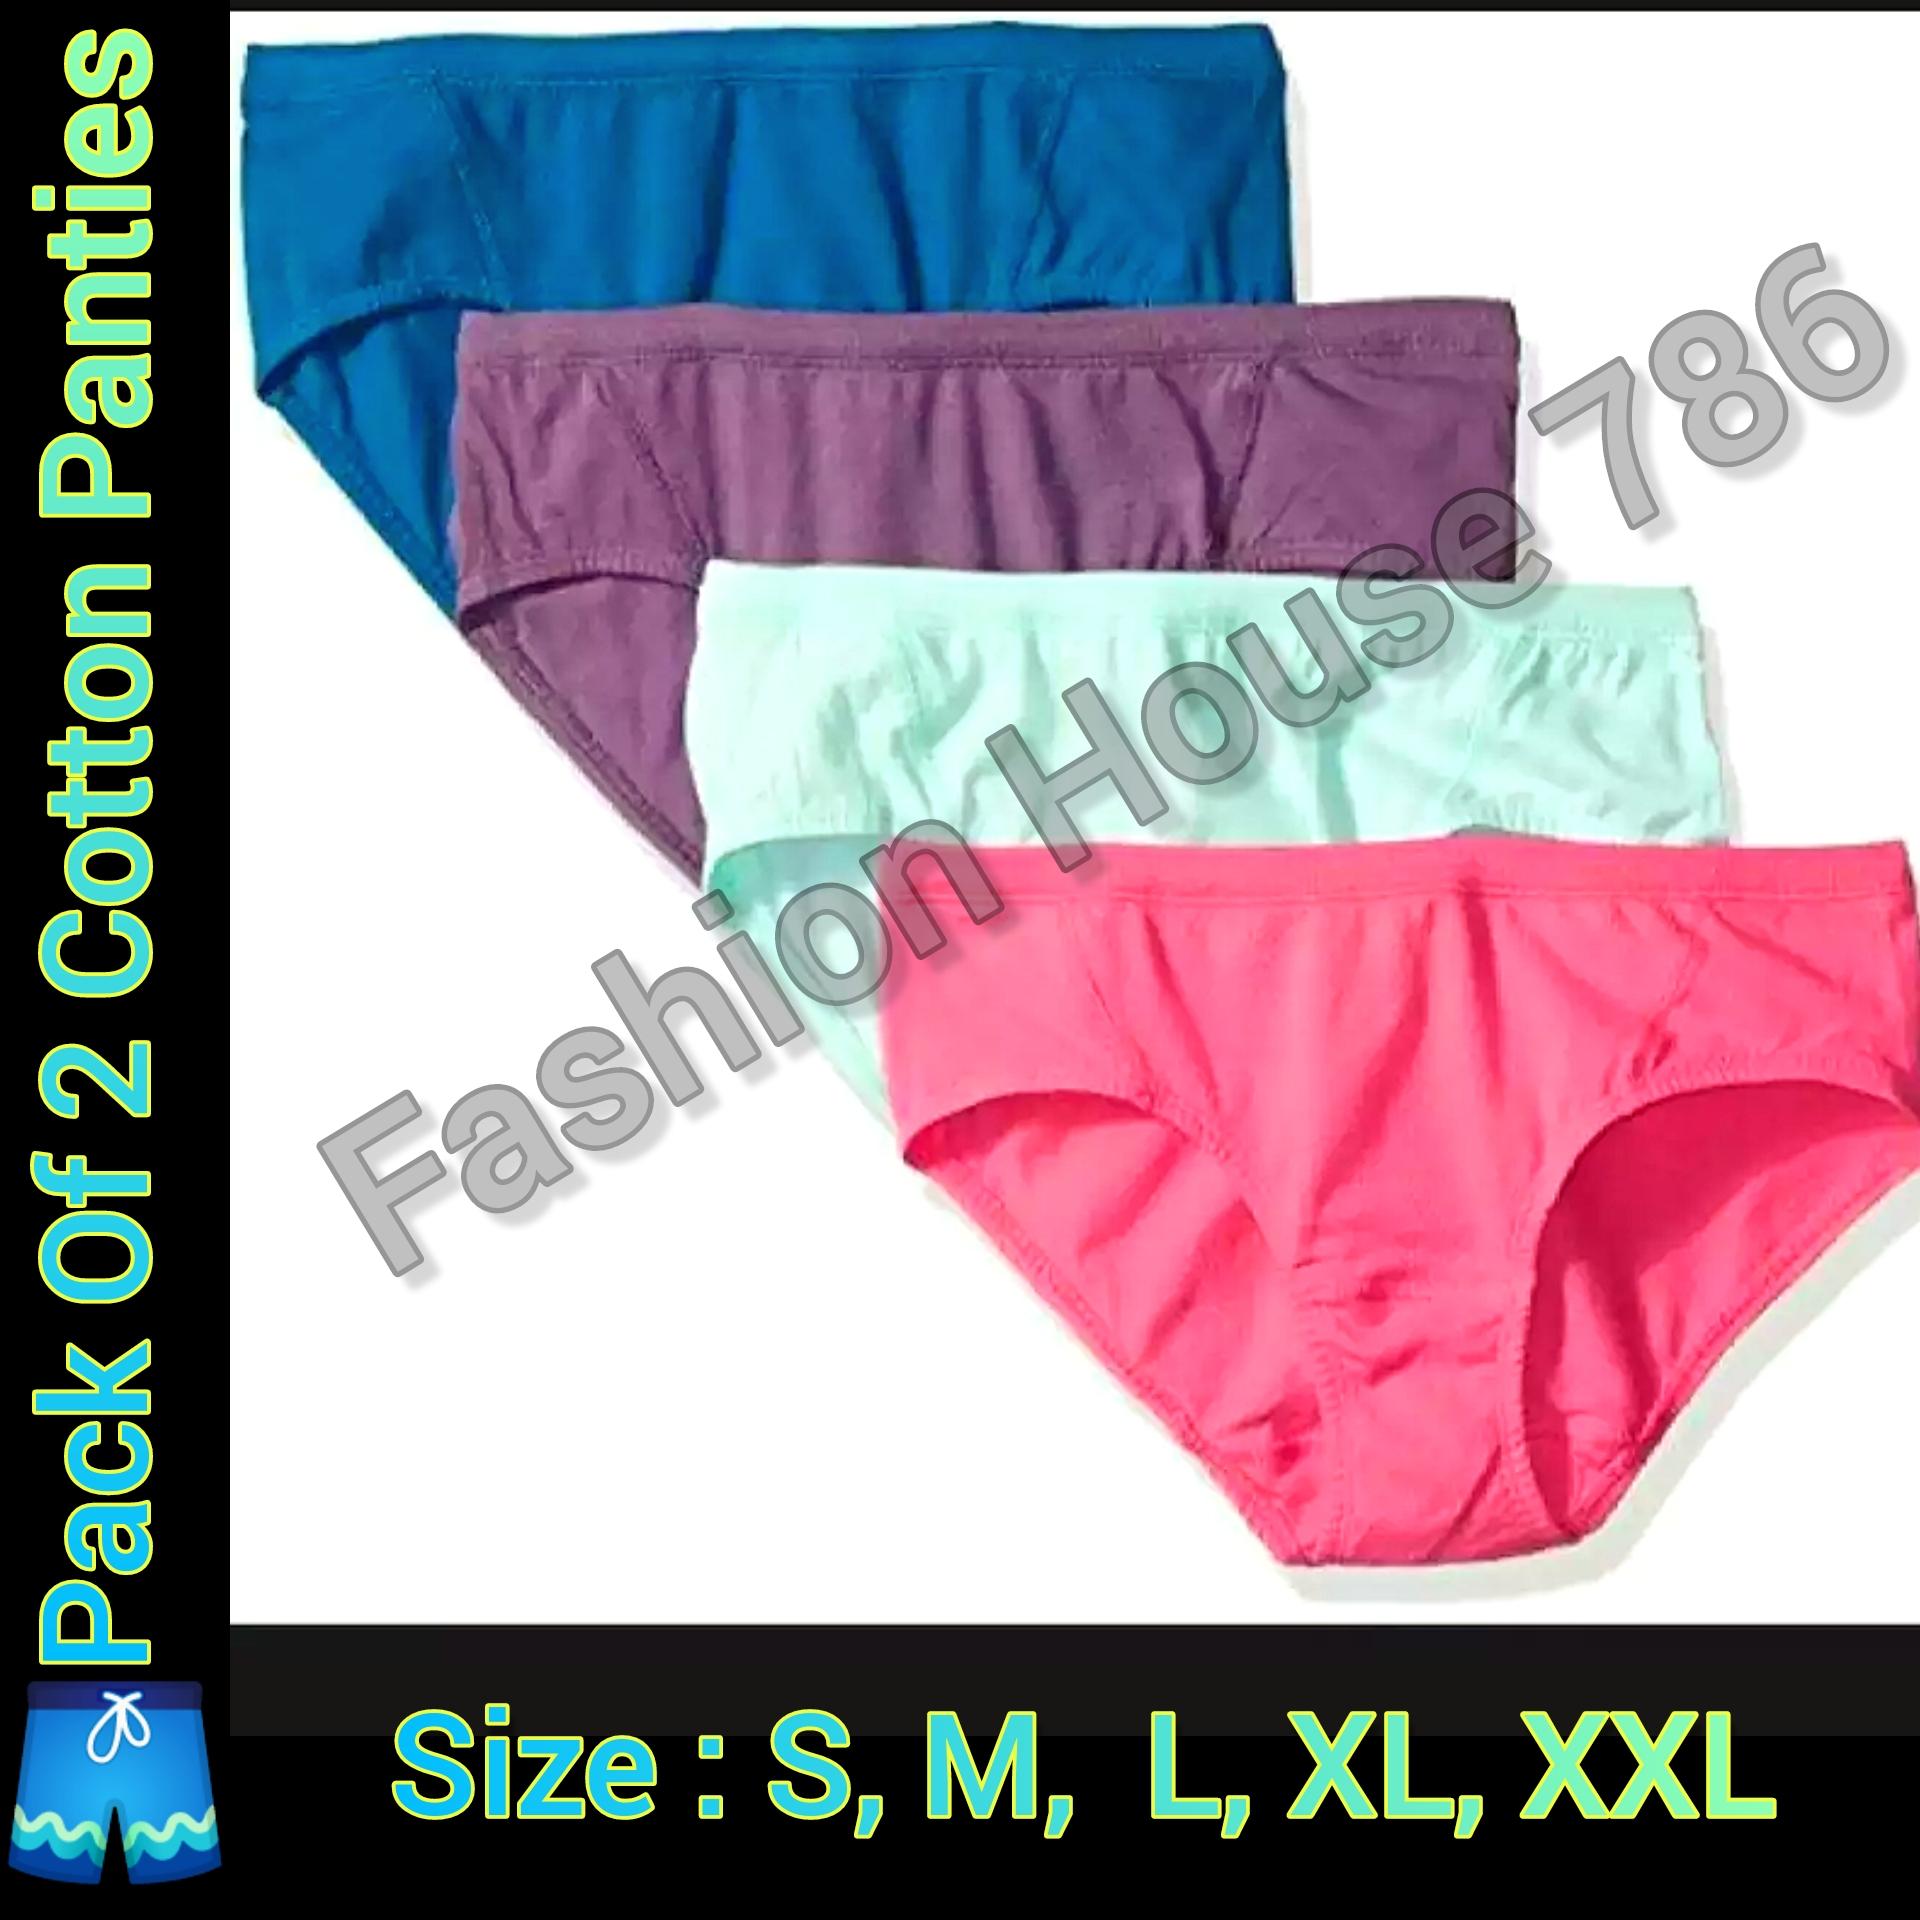 Pack of 2 - Cotton Underwear for Women / Cotton Panties For Women / Ladies Girls Cotton Underwears / Jersey Underwears for girls